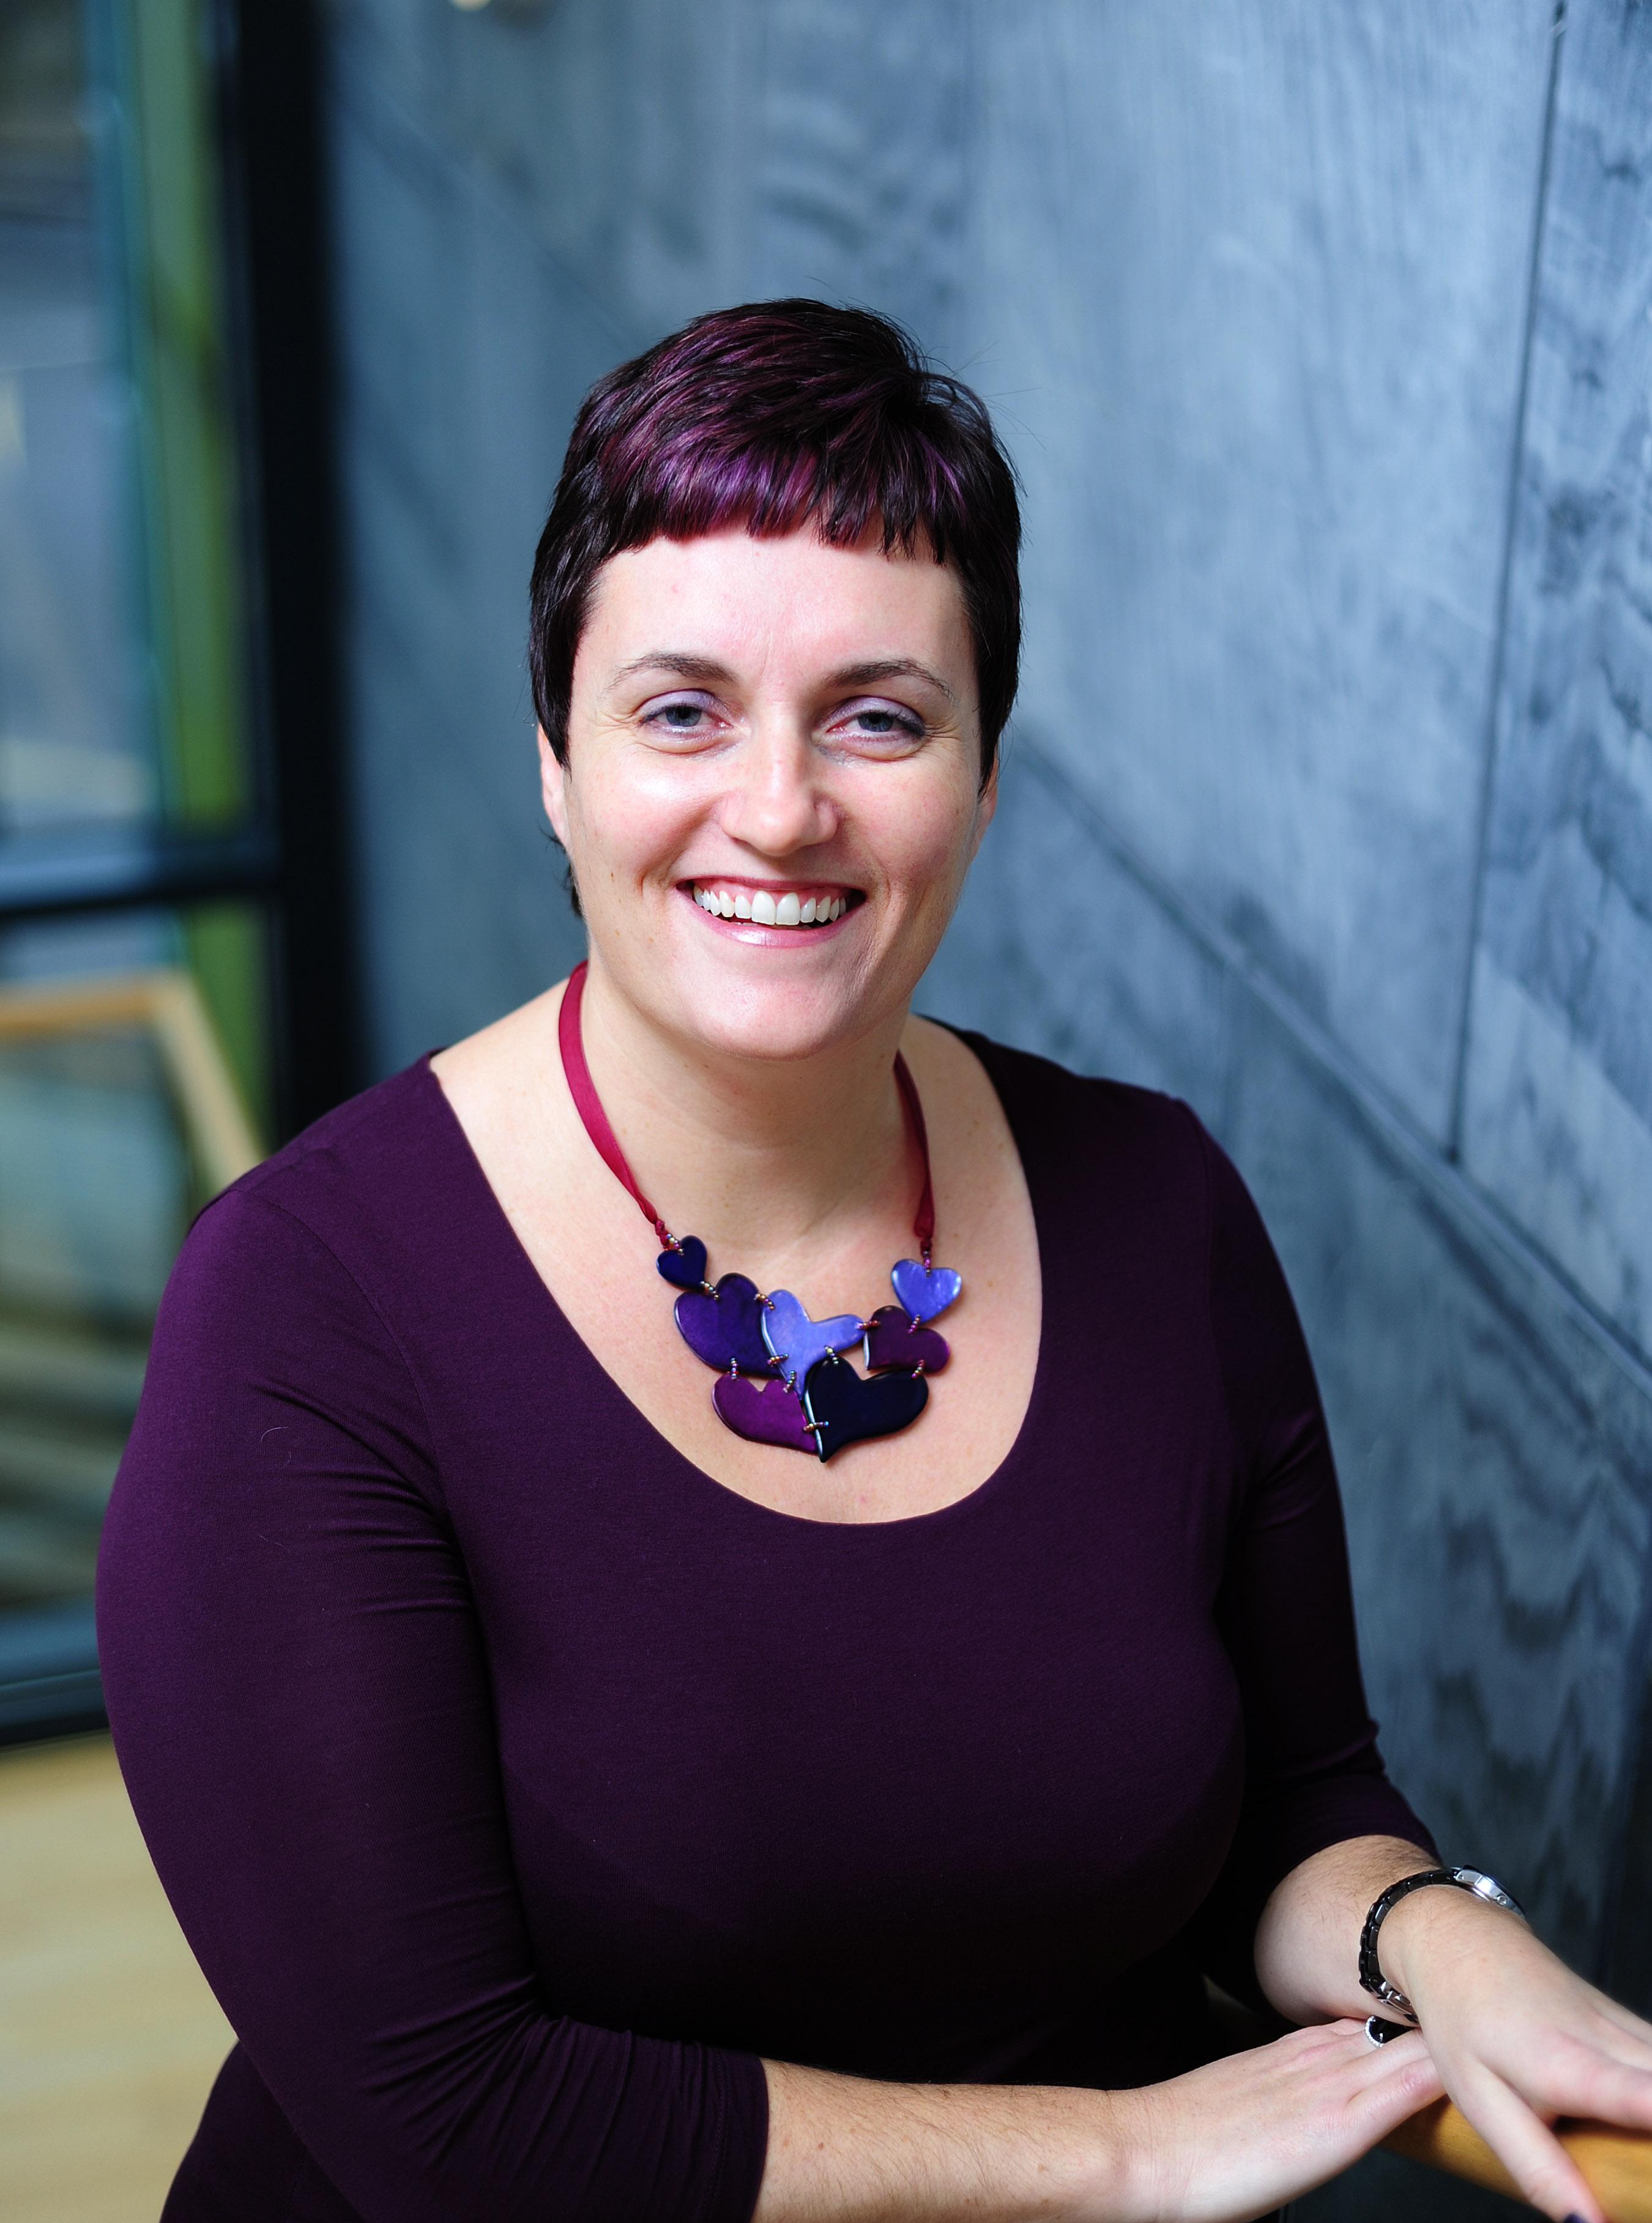 Sarah Trethowan